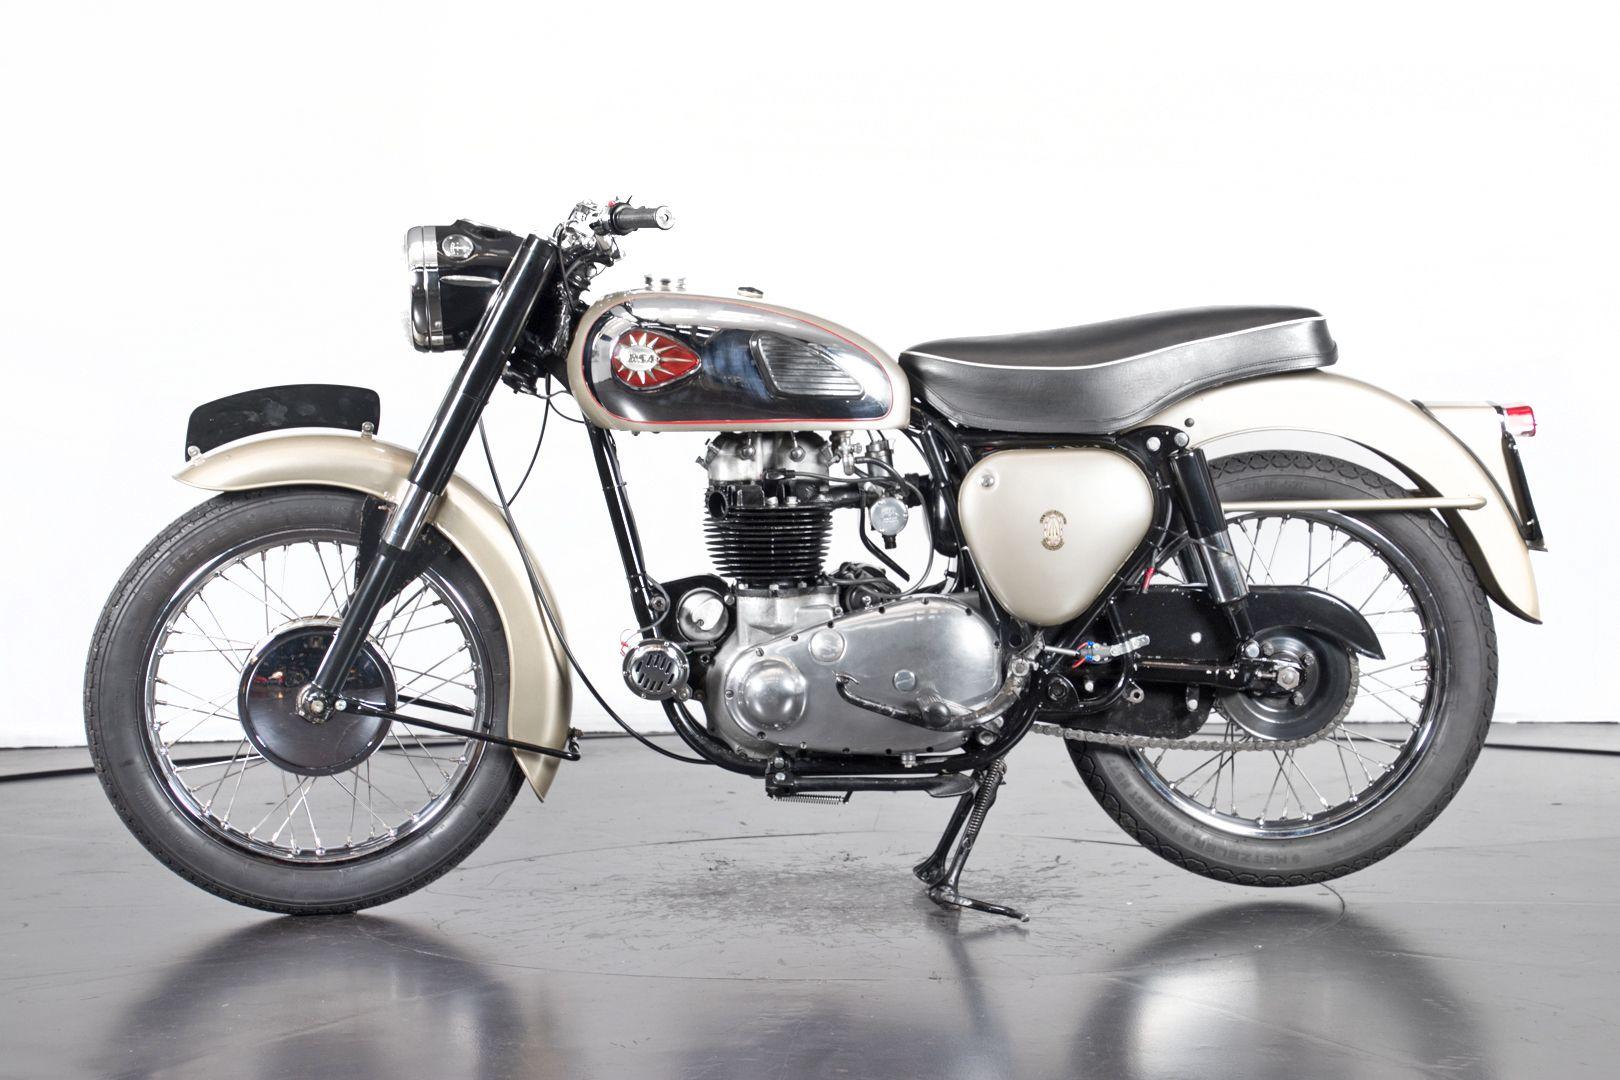 1960 BSA Golden Flash 650 35861